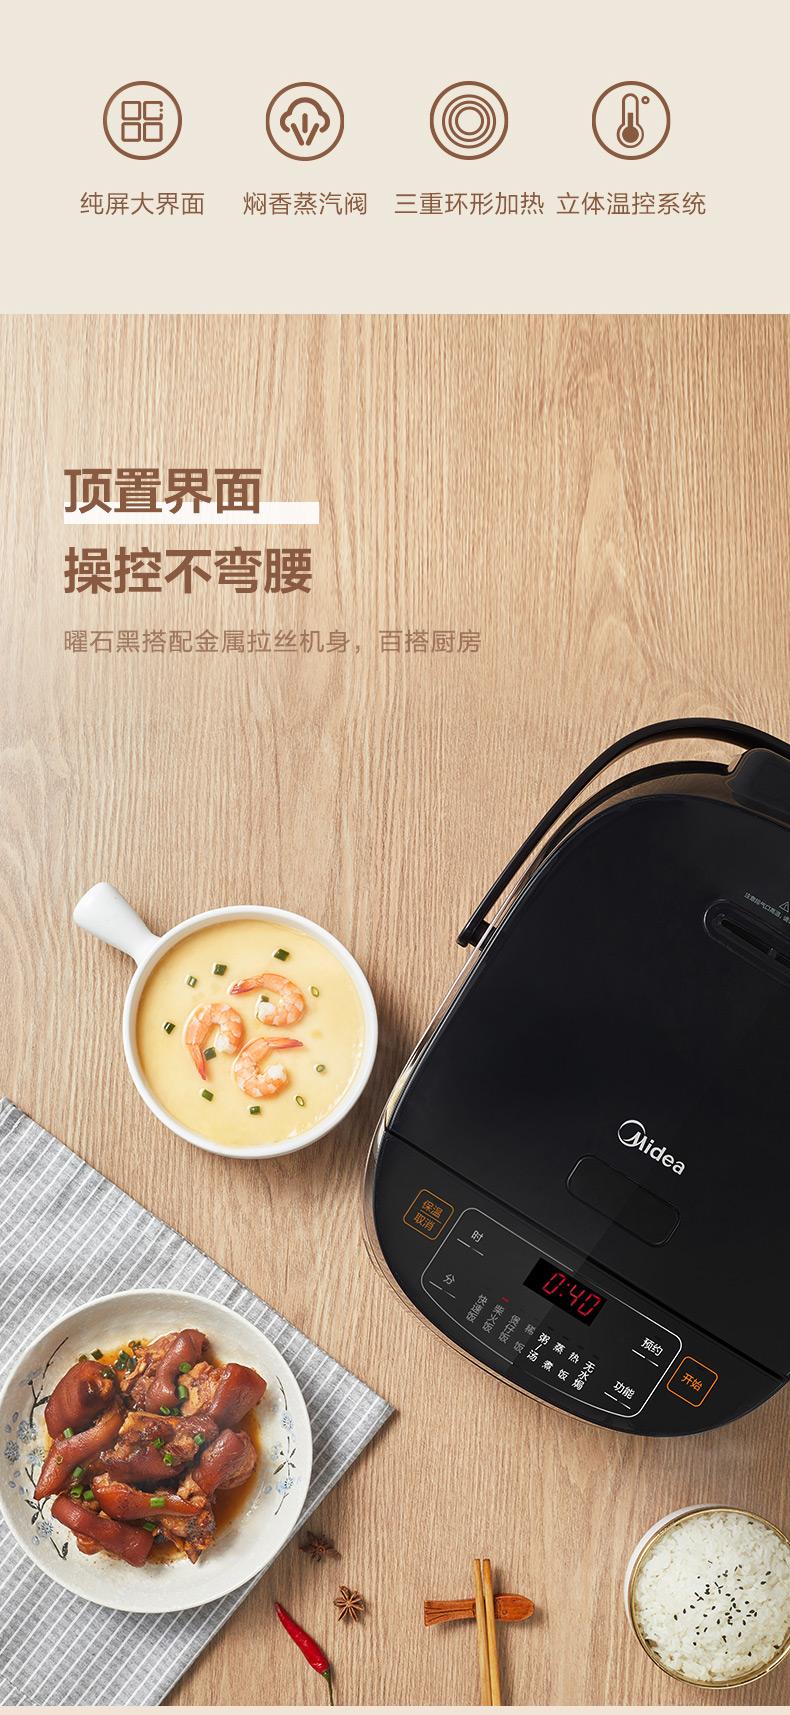 美的 MB-FB40M205 多功能智能电饭煲 4L 图3